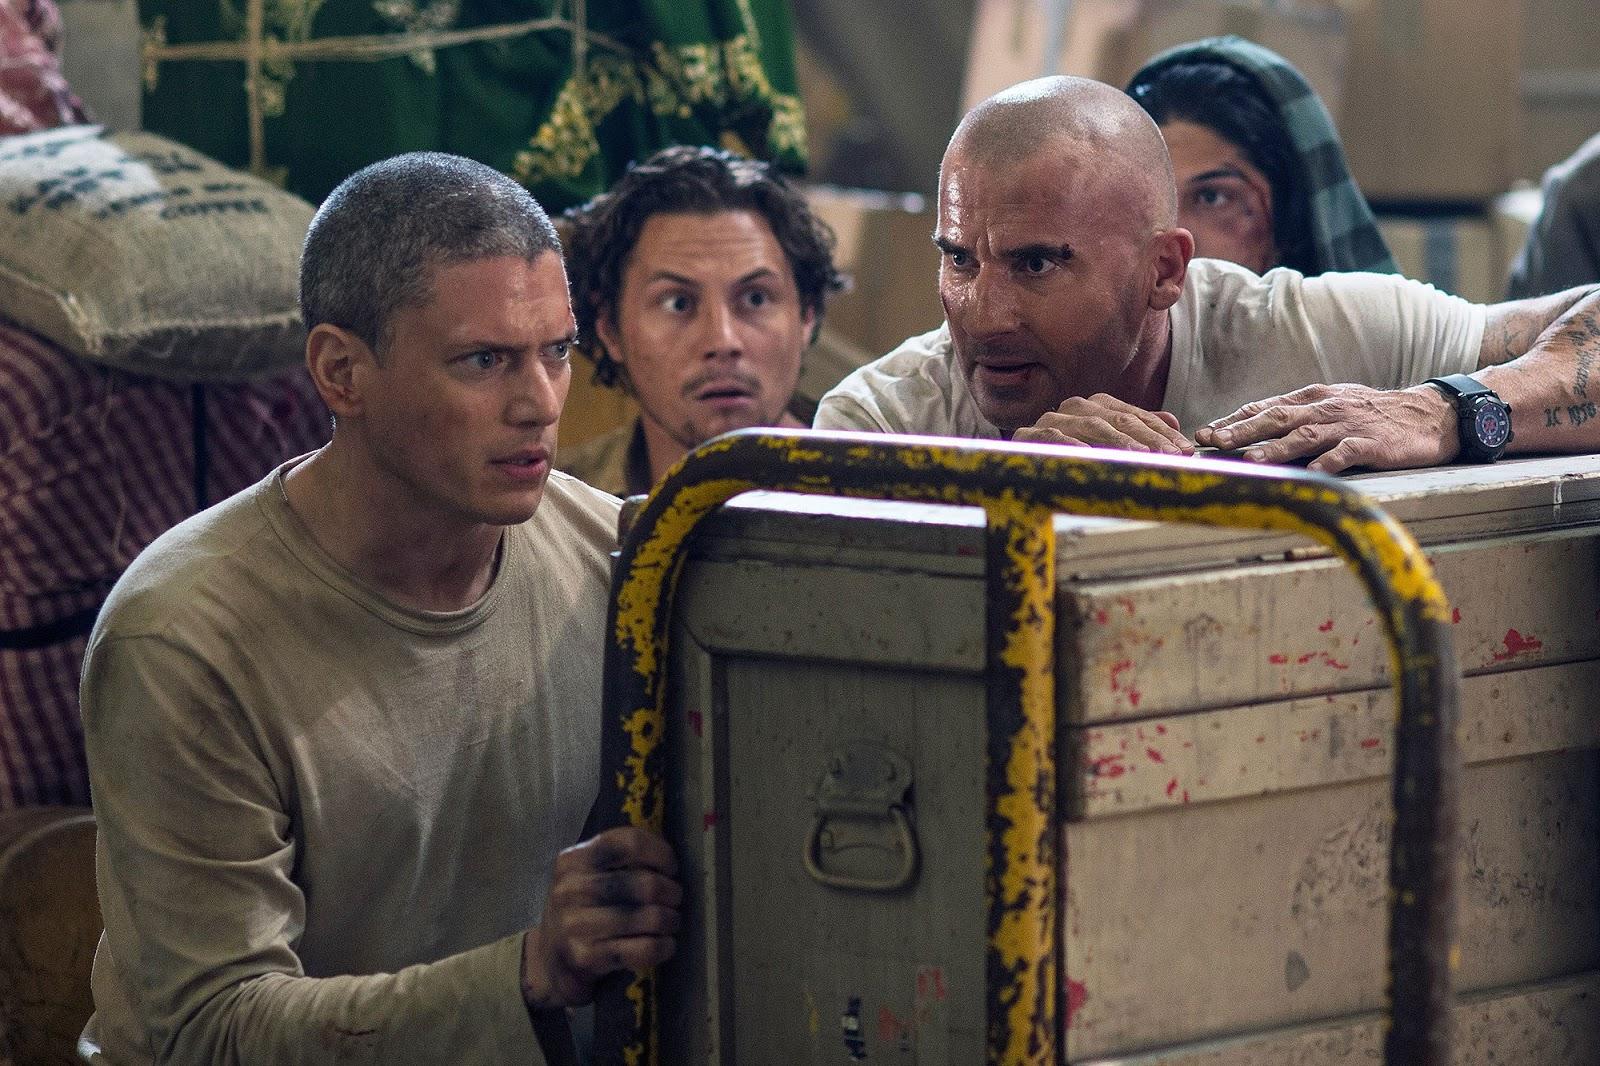 Michael Scofield y compañía tratando de escapar de la cárcel